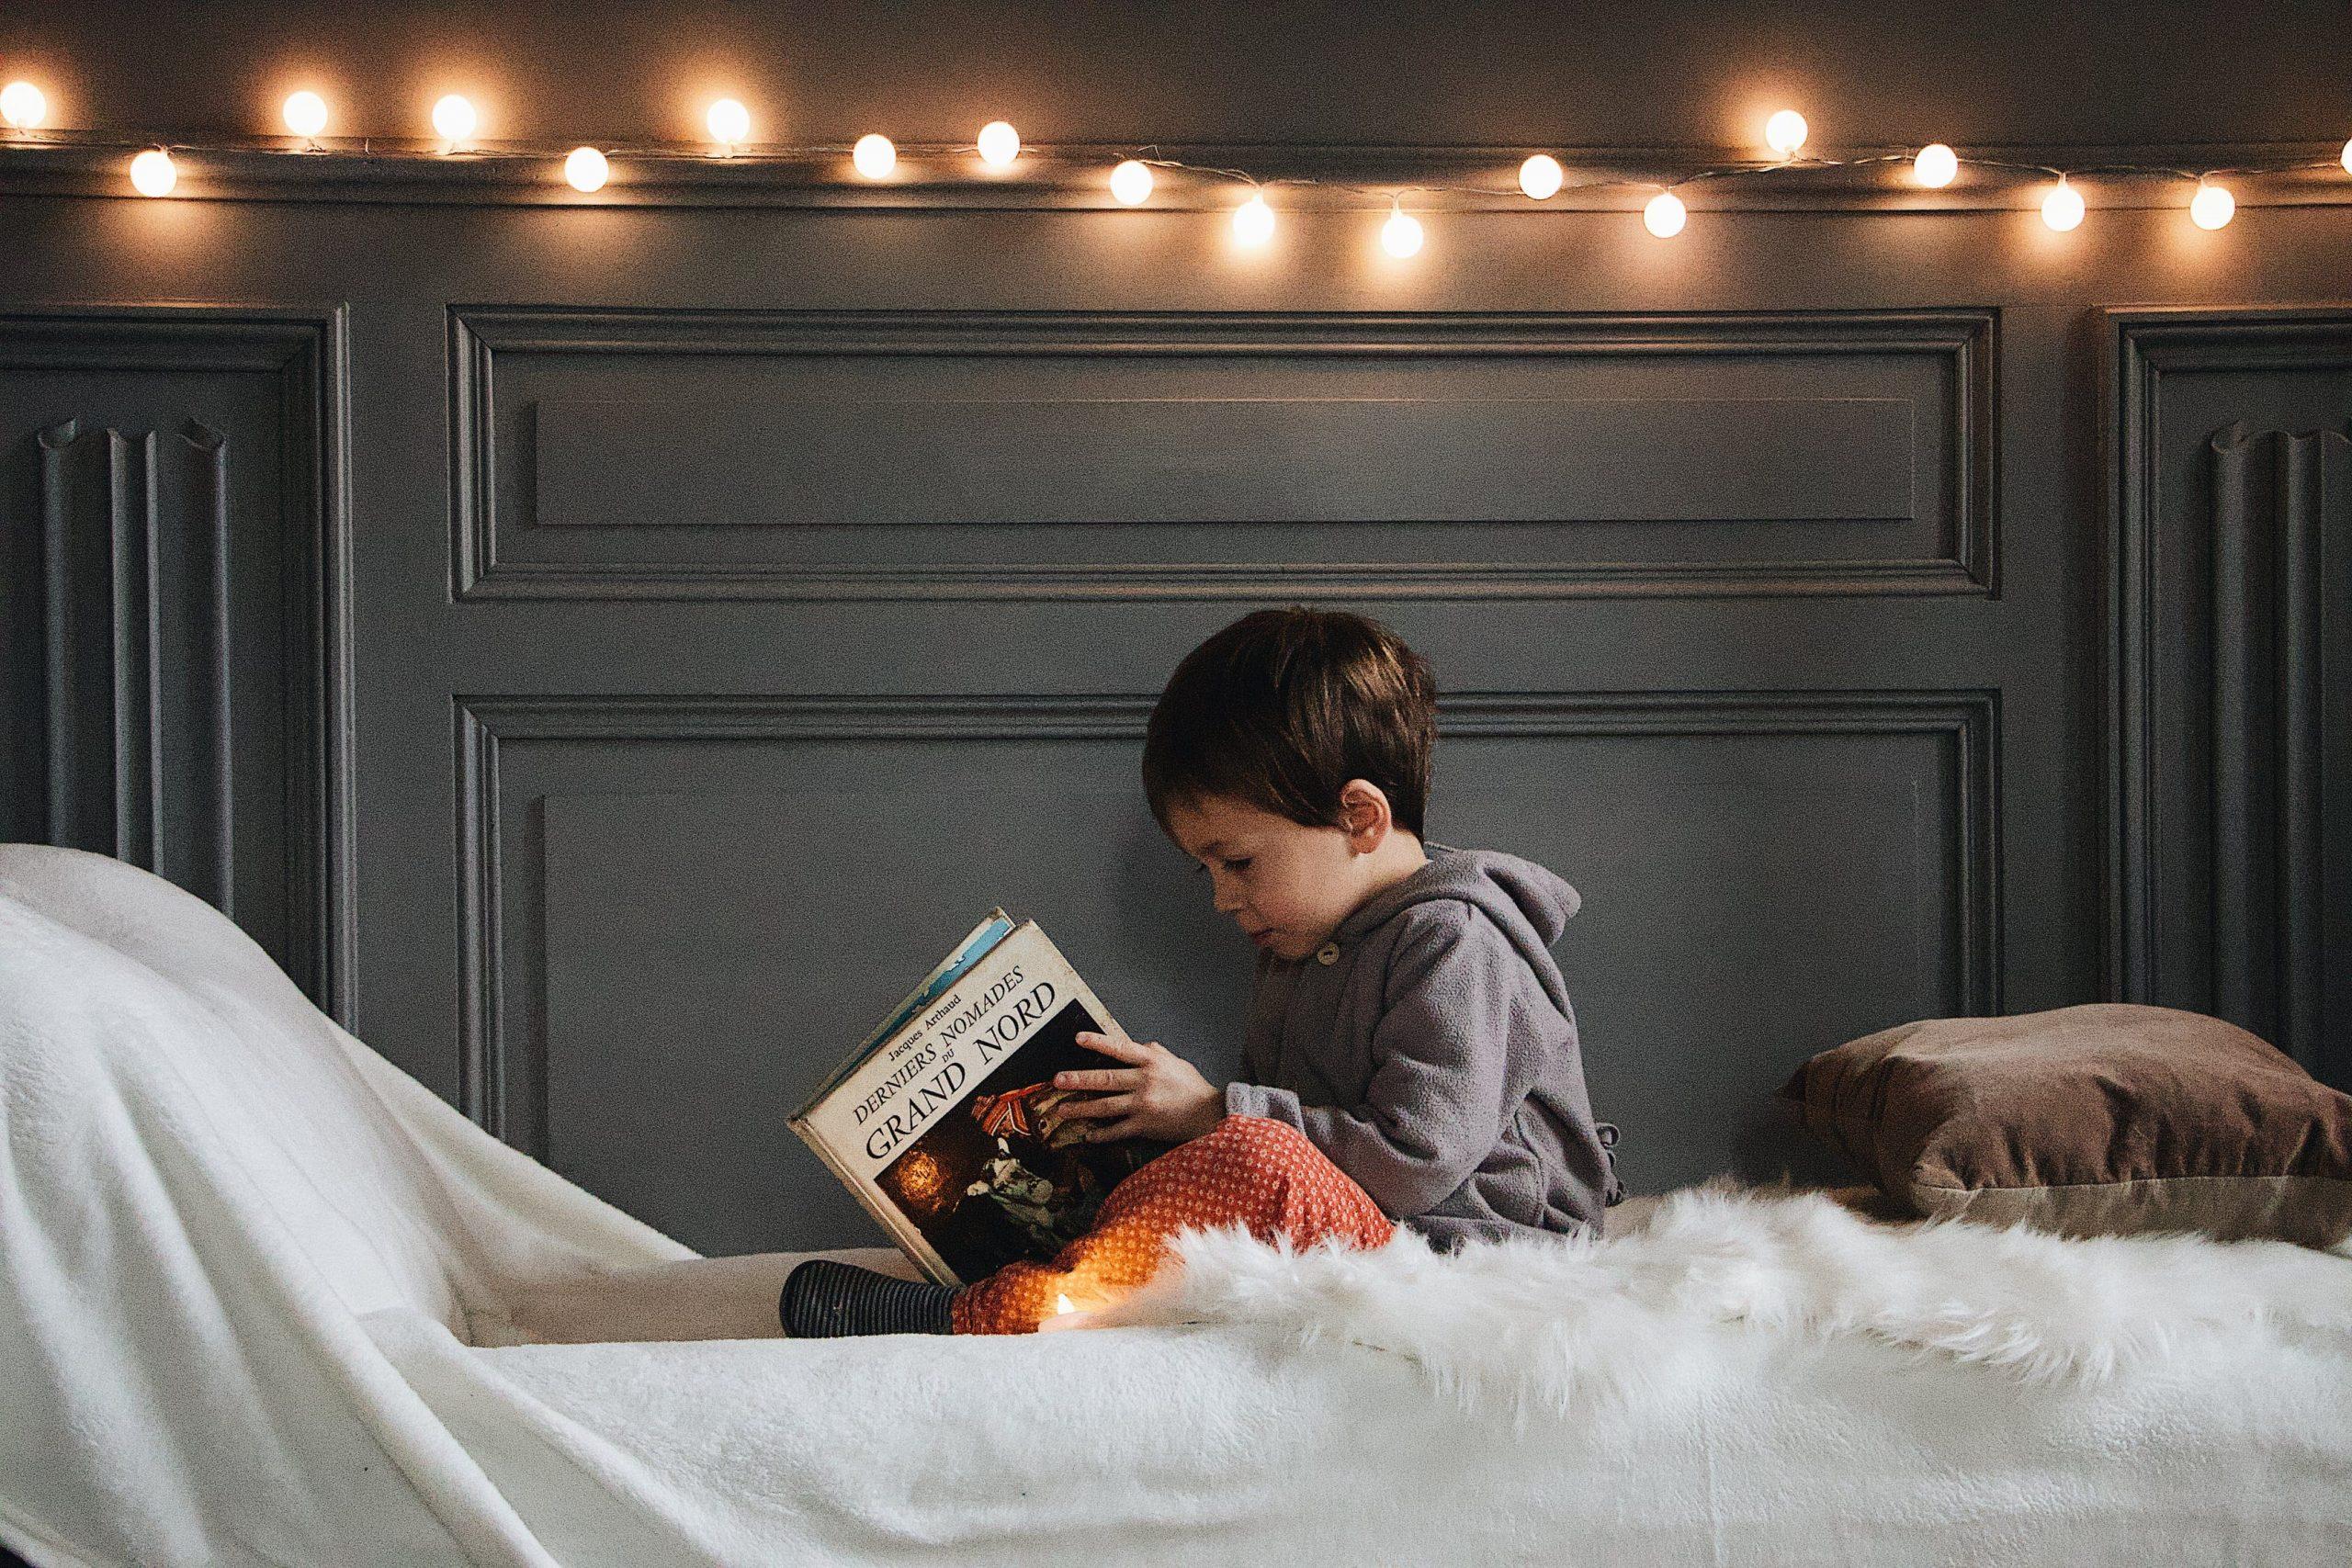 Imagen de un niño pequeño que lee un libro sobre los normandos